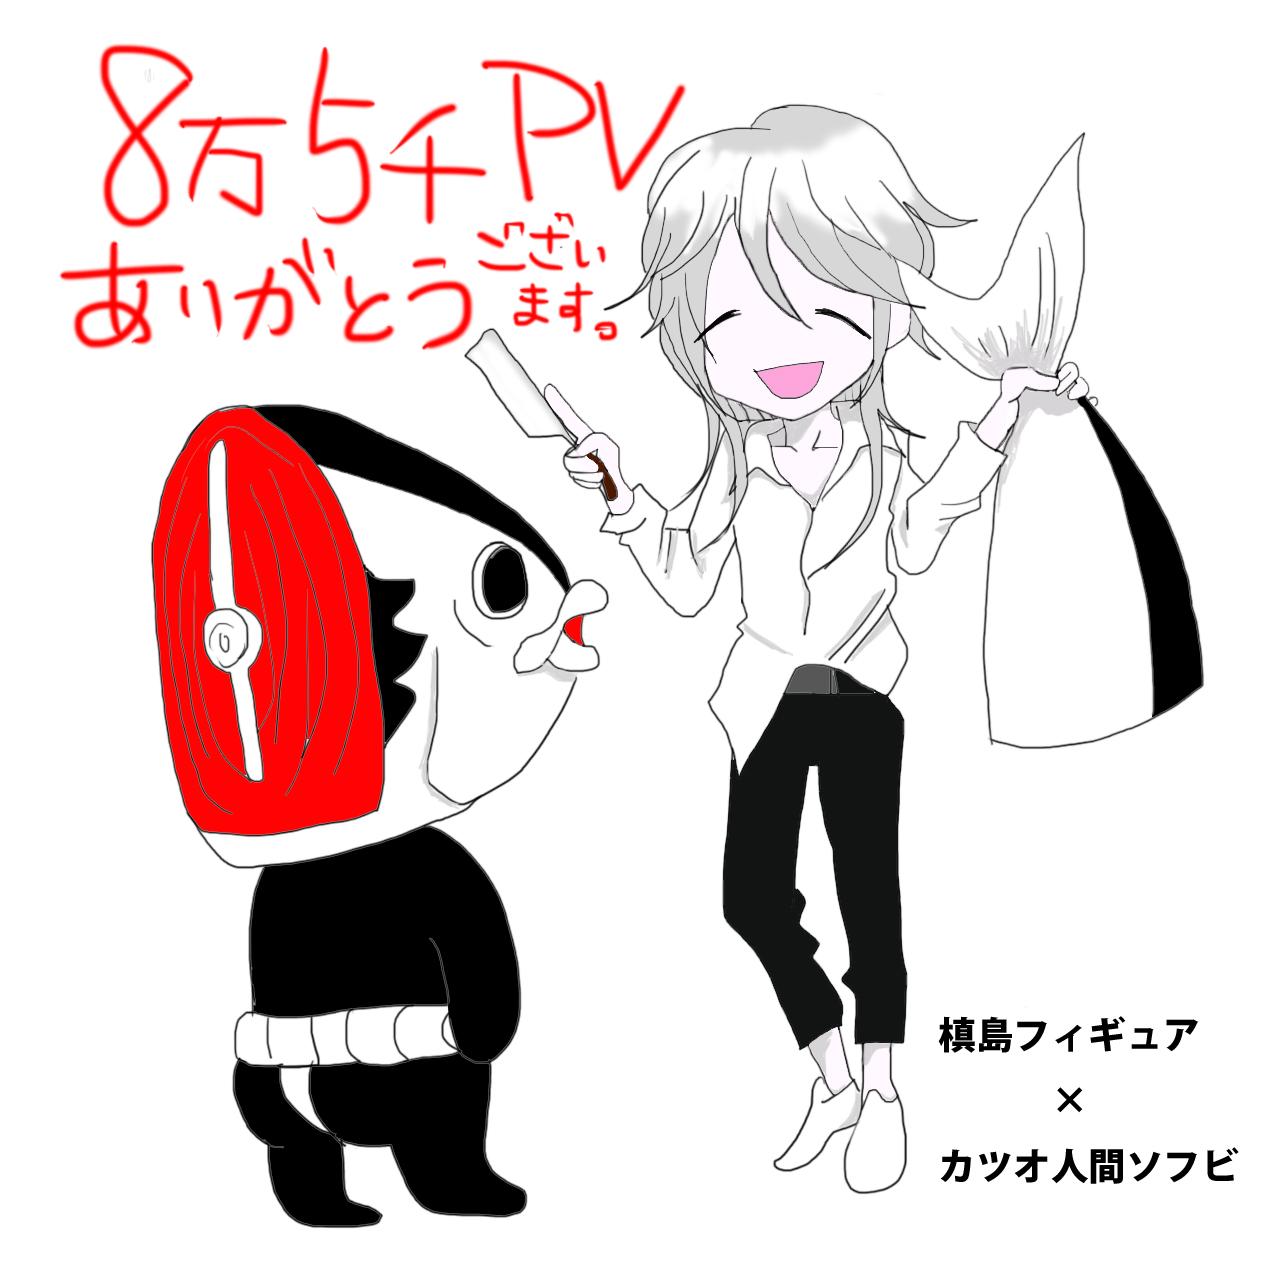 槙島×カツオ_8万のコピー